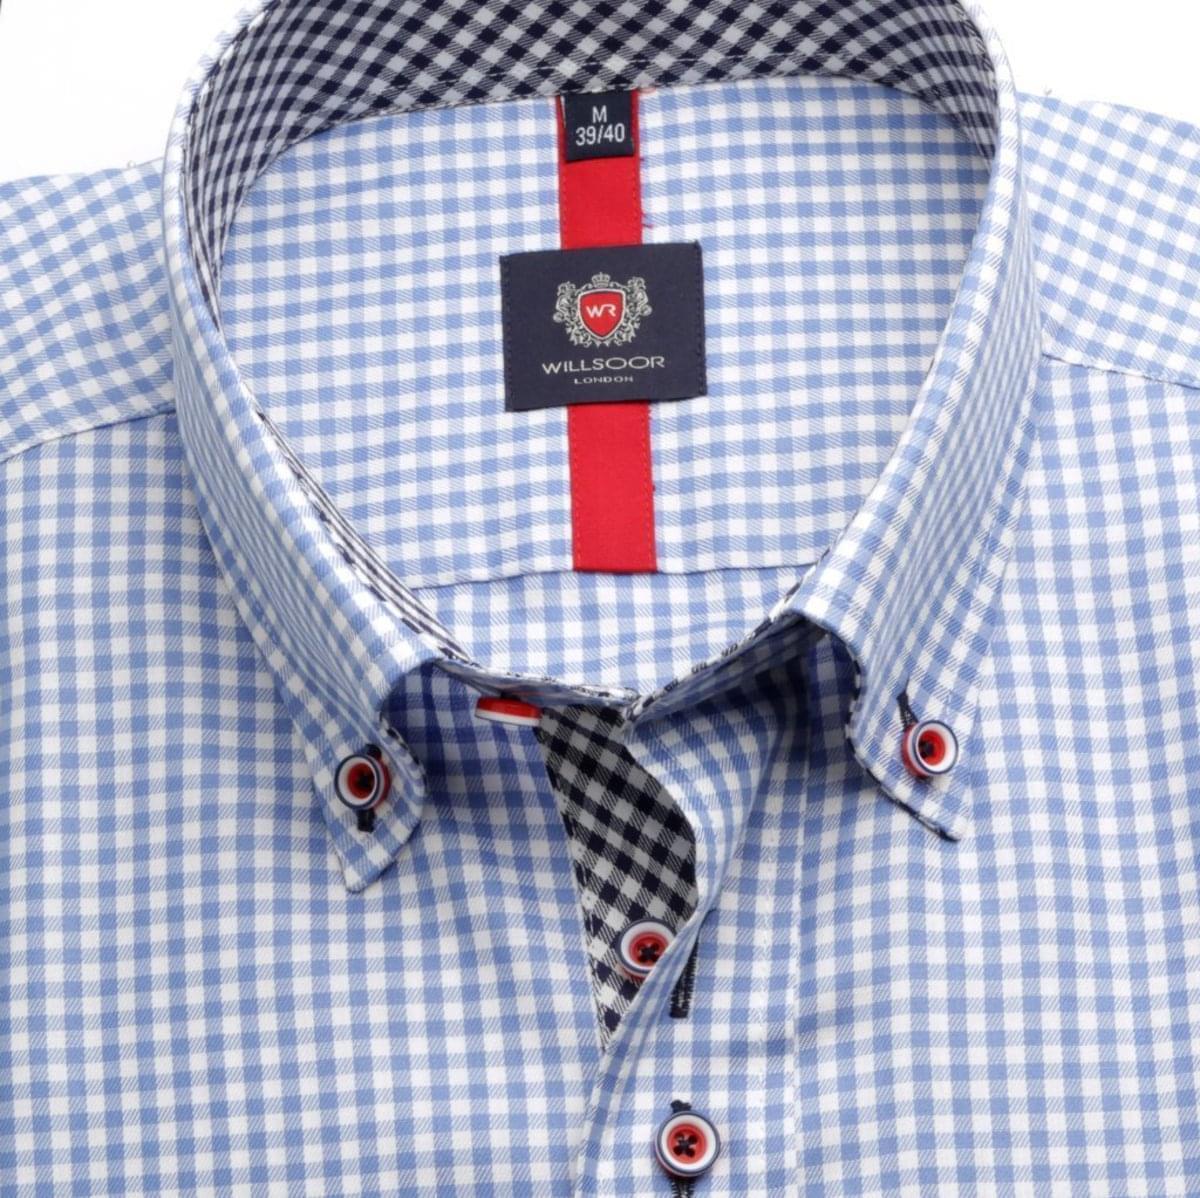 Košile WR London (výška 176-182)3892 176-182 / XL (43/44)